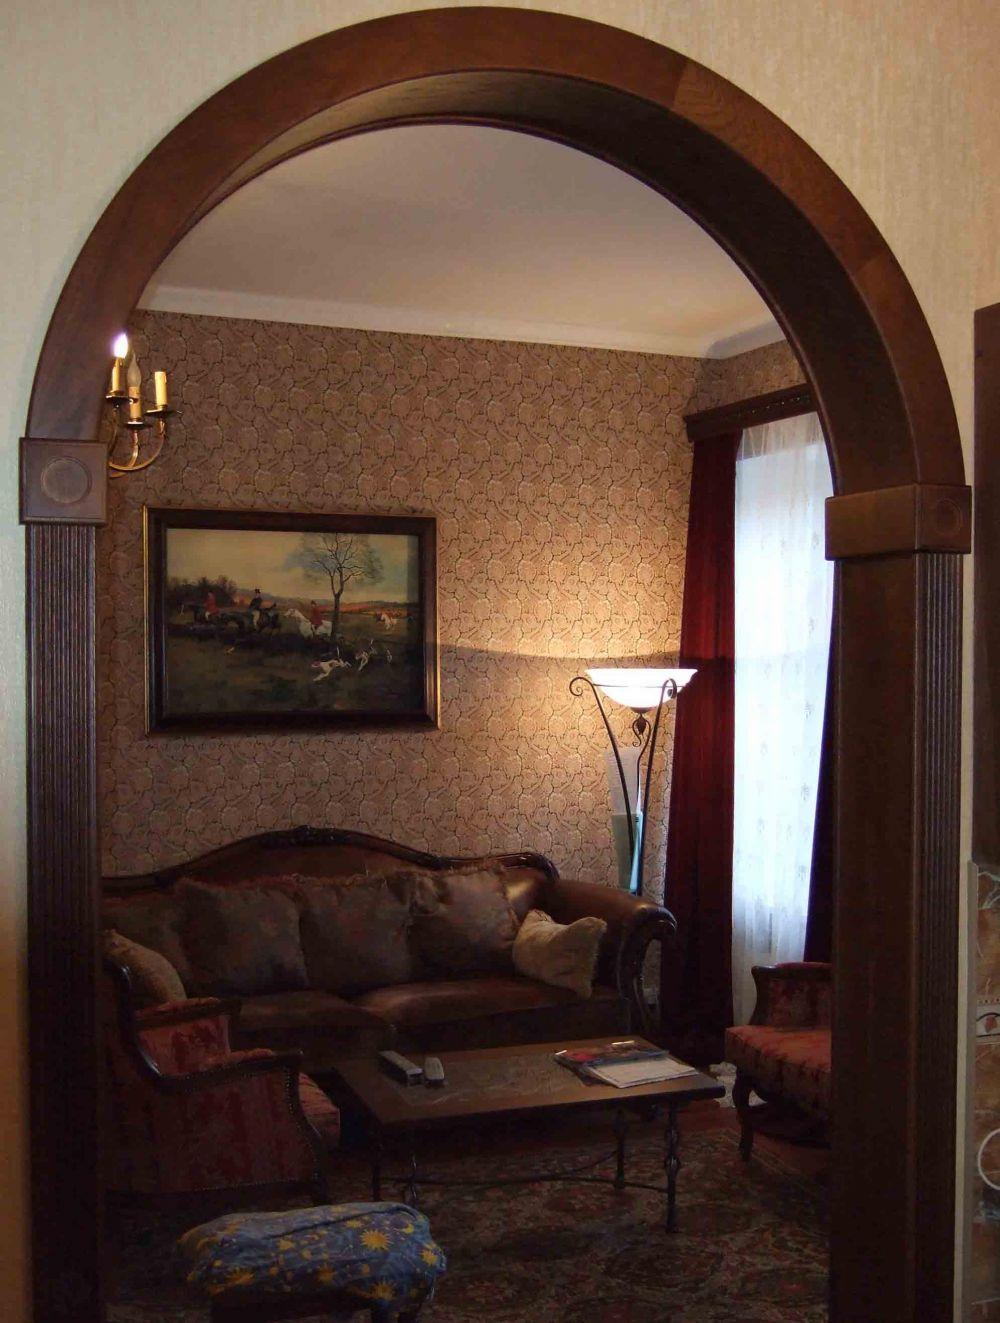 Дверные косяки и их отделка. Как укрепить дверные косяки 13